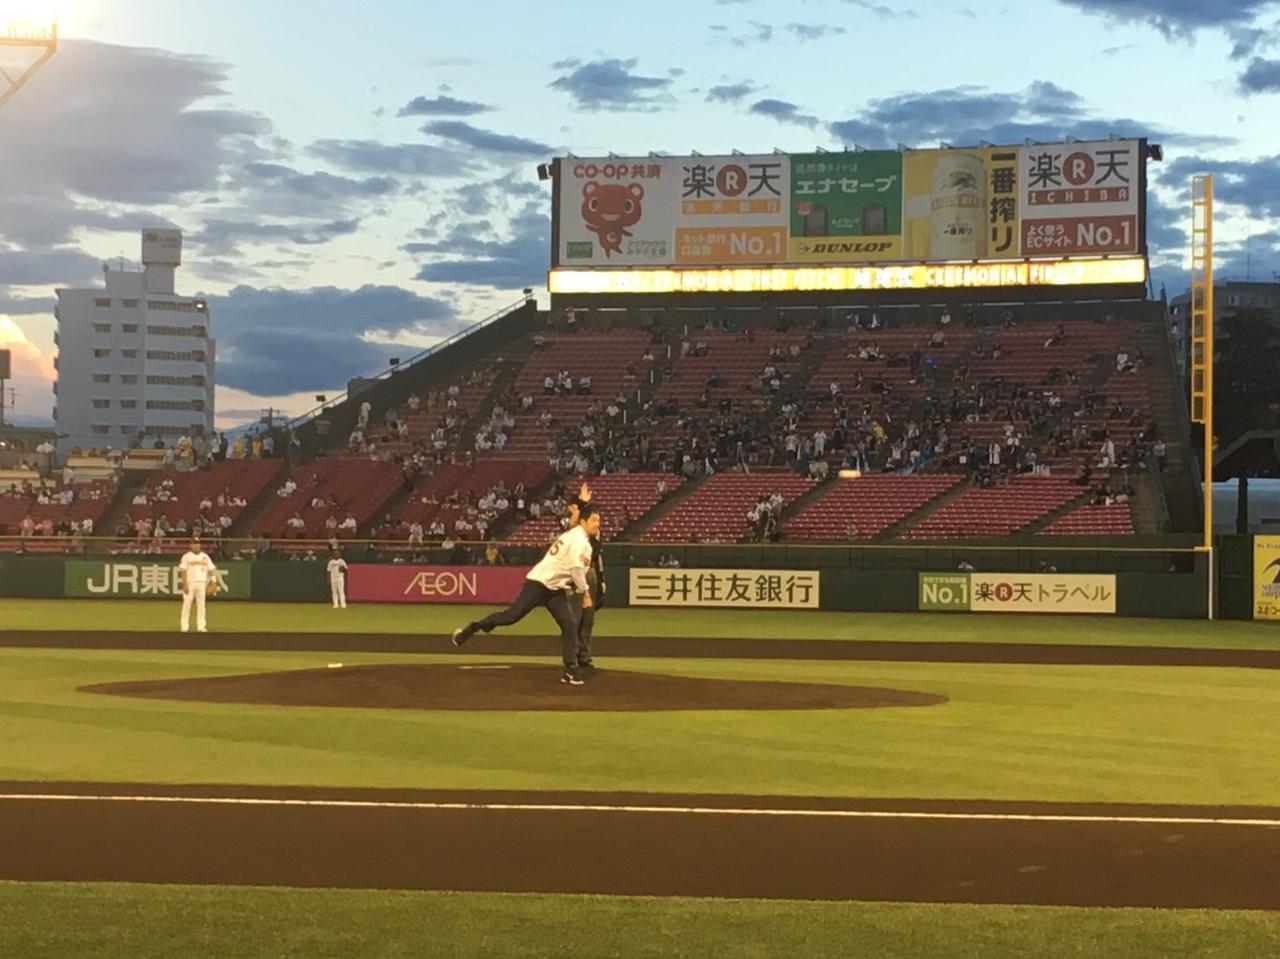 画像1: 「RIZIN 高田延彦 出てこいや ナイター」髙田延彦統括本部長が始球式でストライク投球!